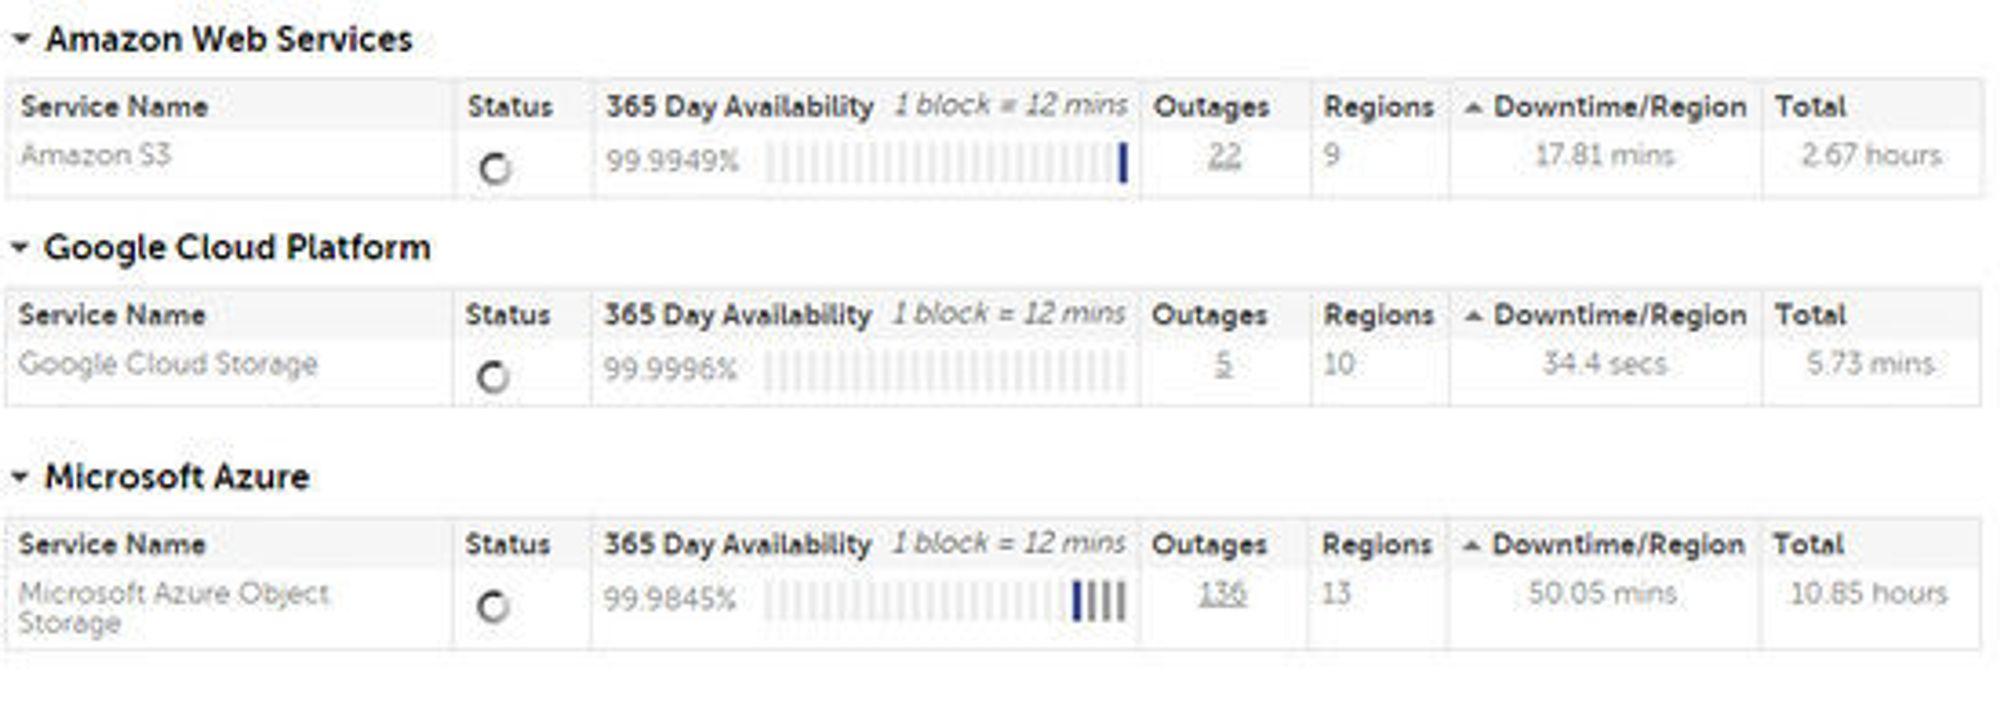 Den registrerte nedetiden til de nettskybaserte lagringstjenestene til Amazon, Google og Microsoft de siste 365 dagene.